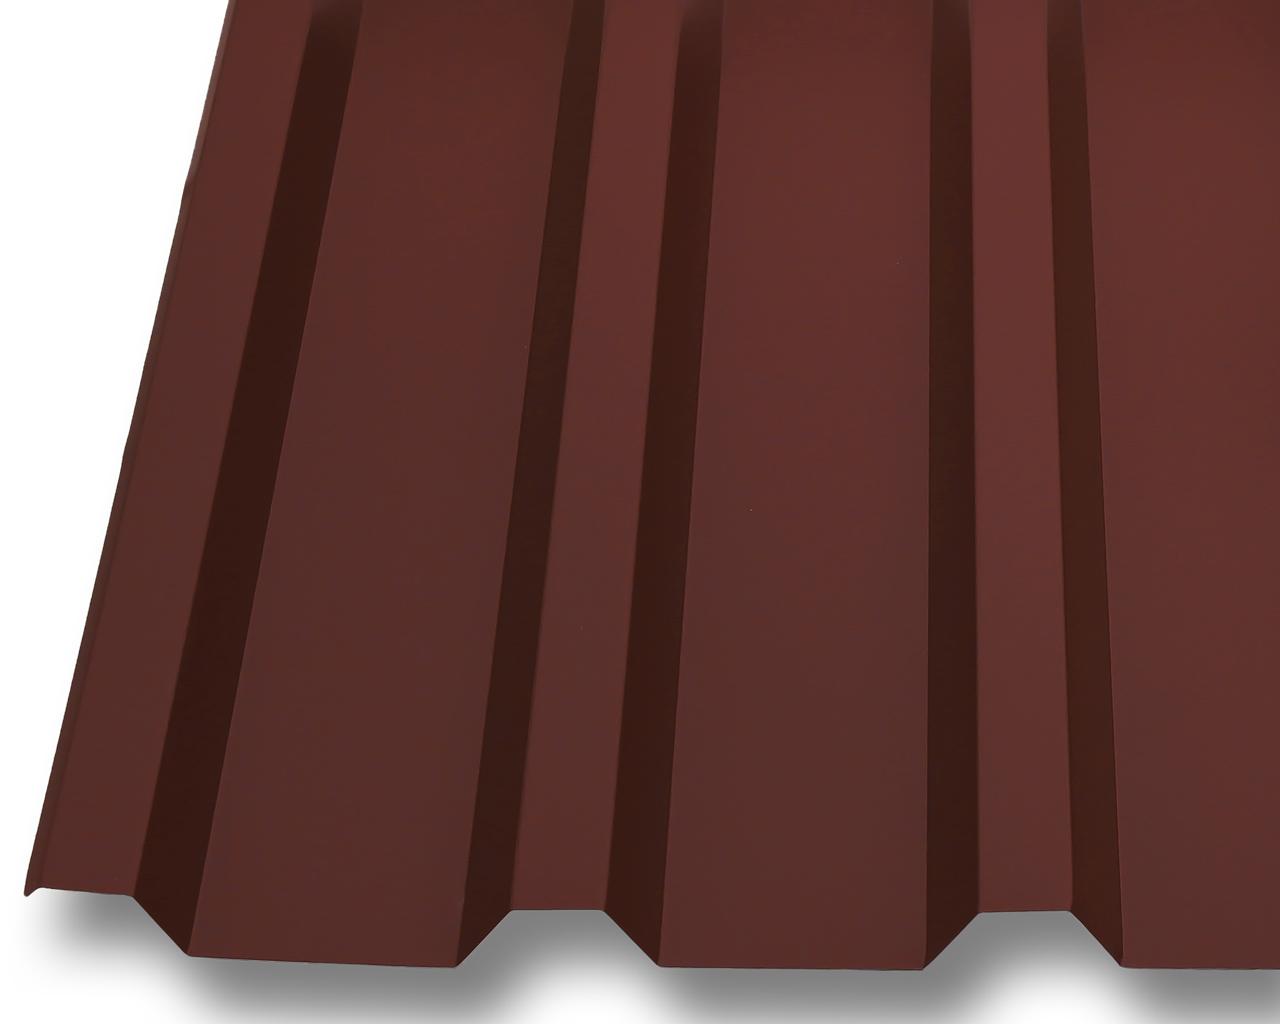 profilblech trapezblech dachplatten wellblech stahl neu 0 5mm dach 25 m rot ebay. Black Bedroom Furniture Sets. Home Design Ideas